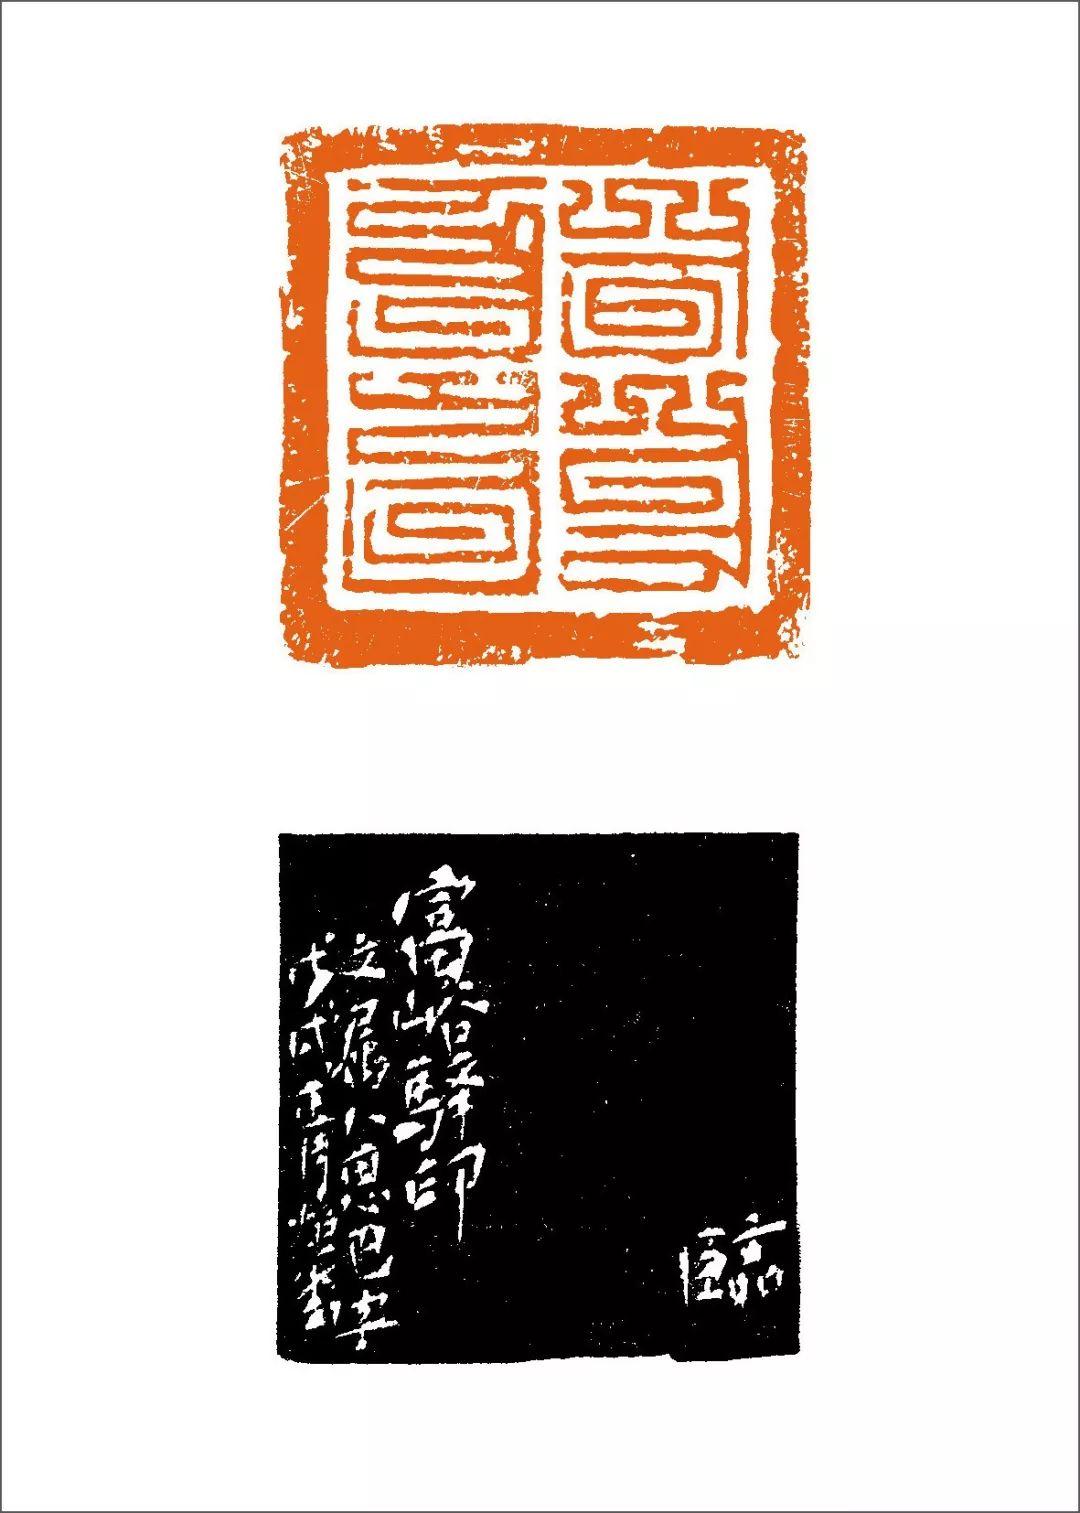 篆刻丛谈:八思巴文篆刻原石赏析 第23张